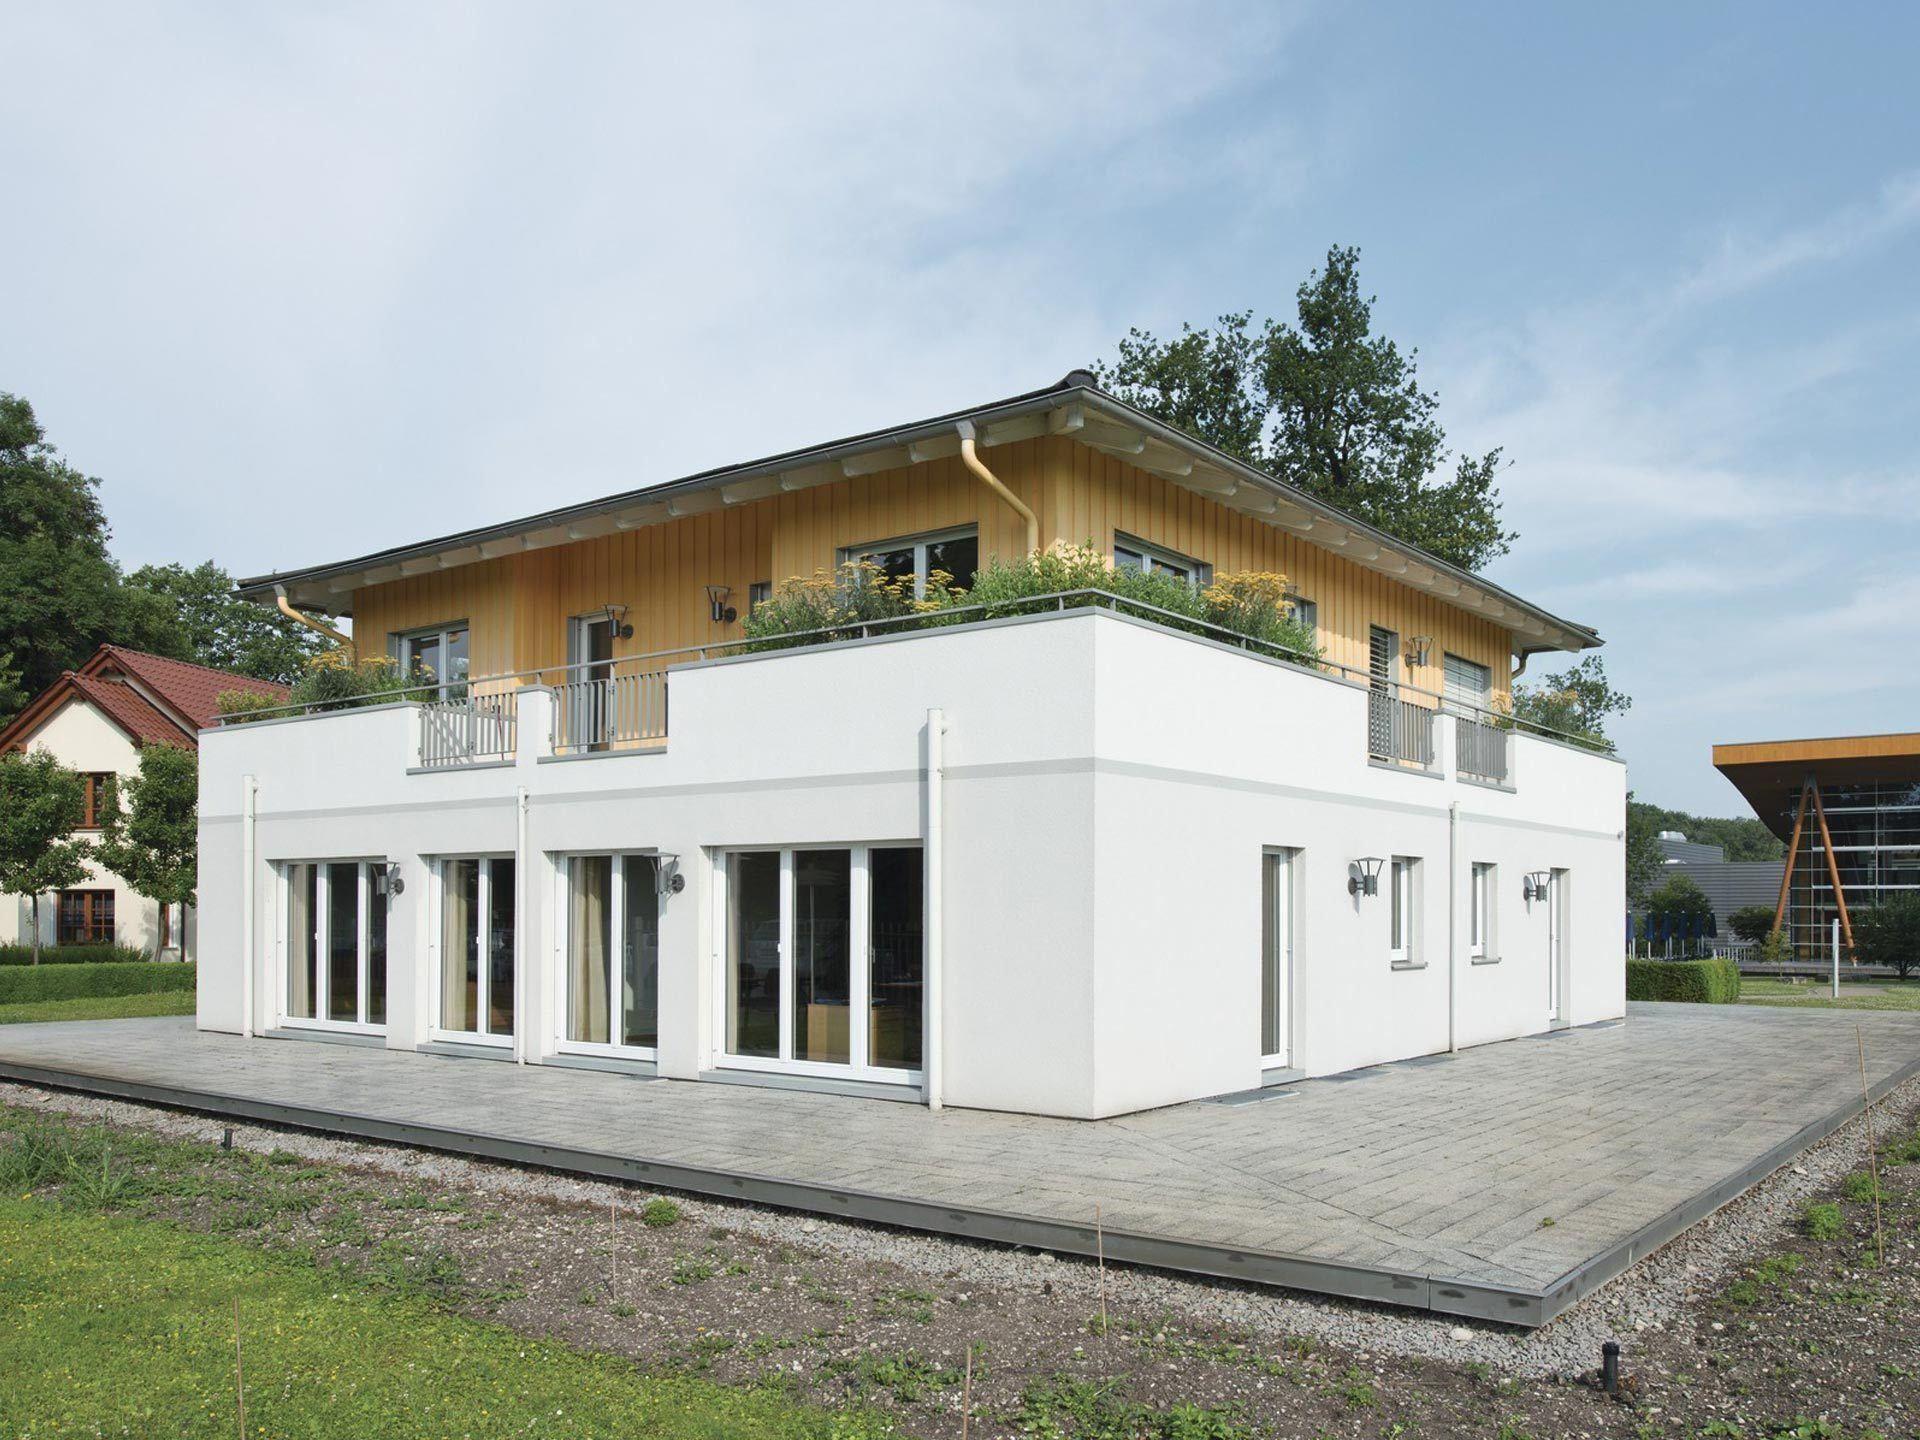 Stadtvilla Bauforum RheinauLinx WeberHaus Weber haus